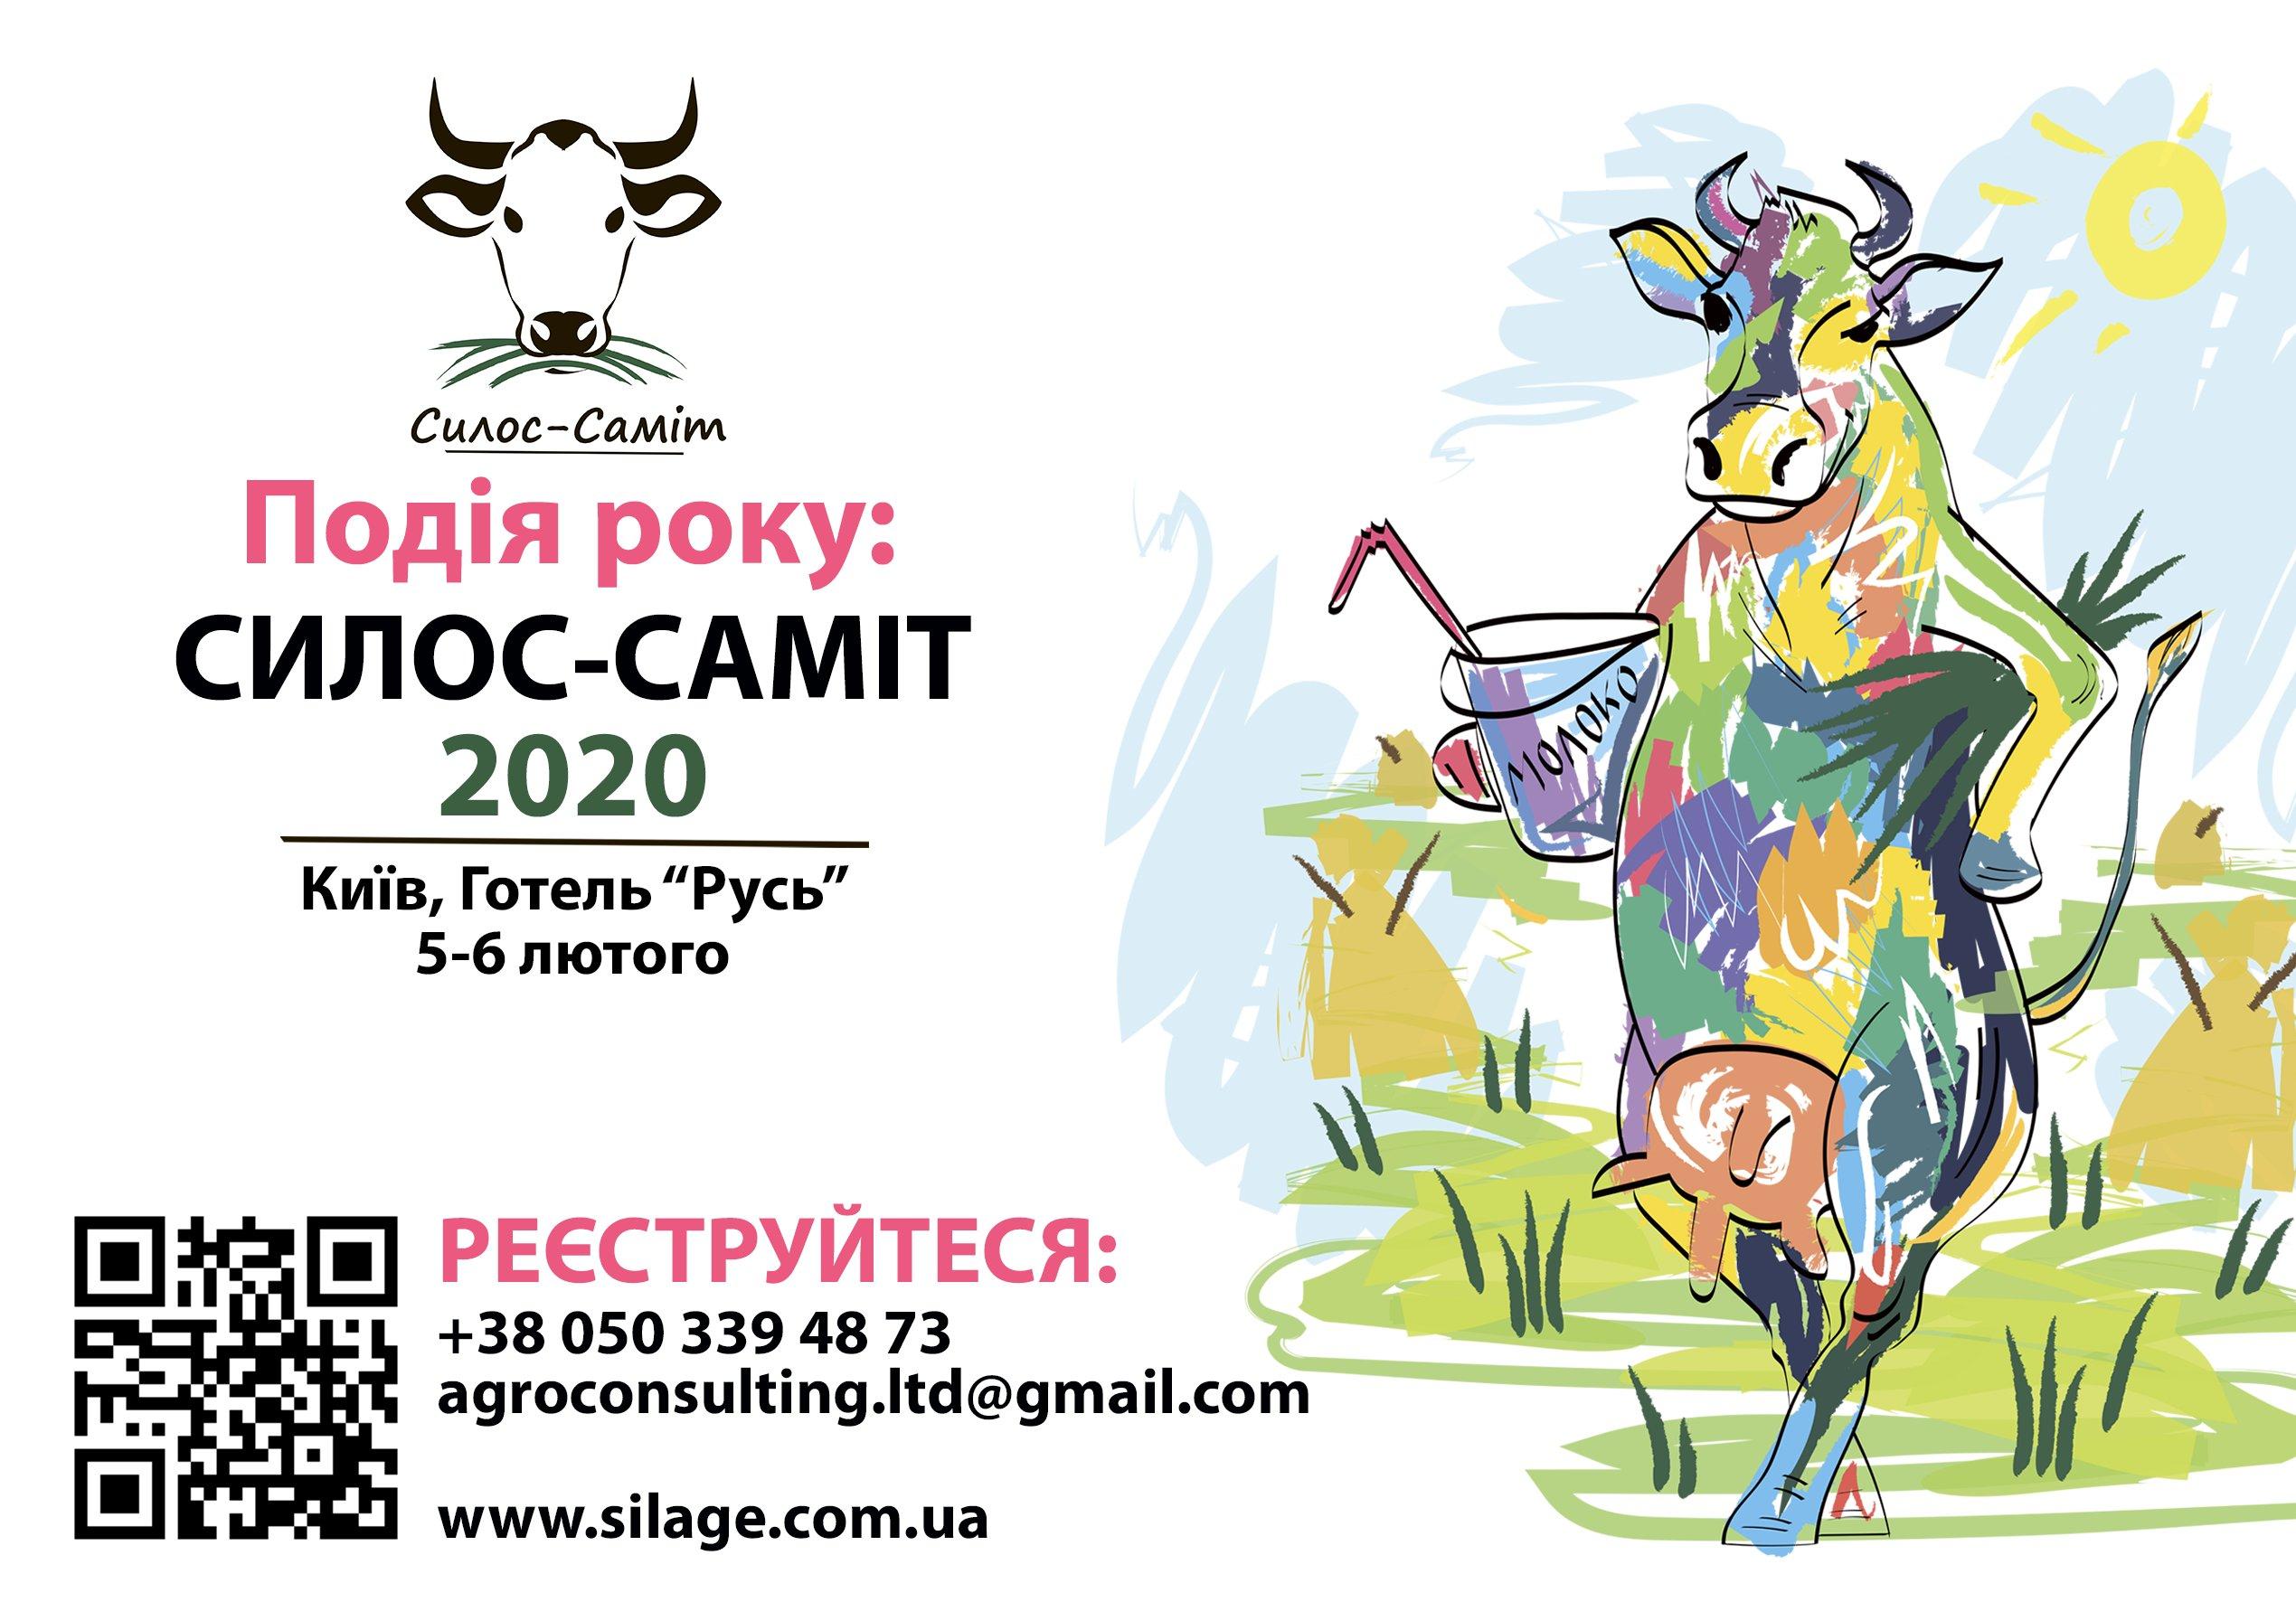 Подія року – СИЛОС-САМІТ 2020!